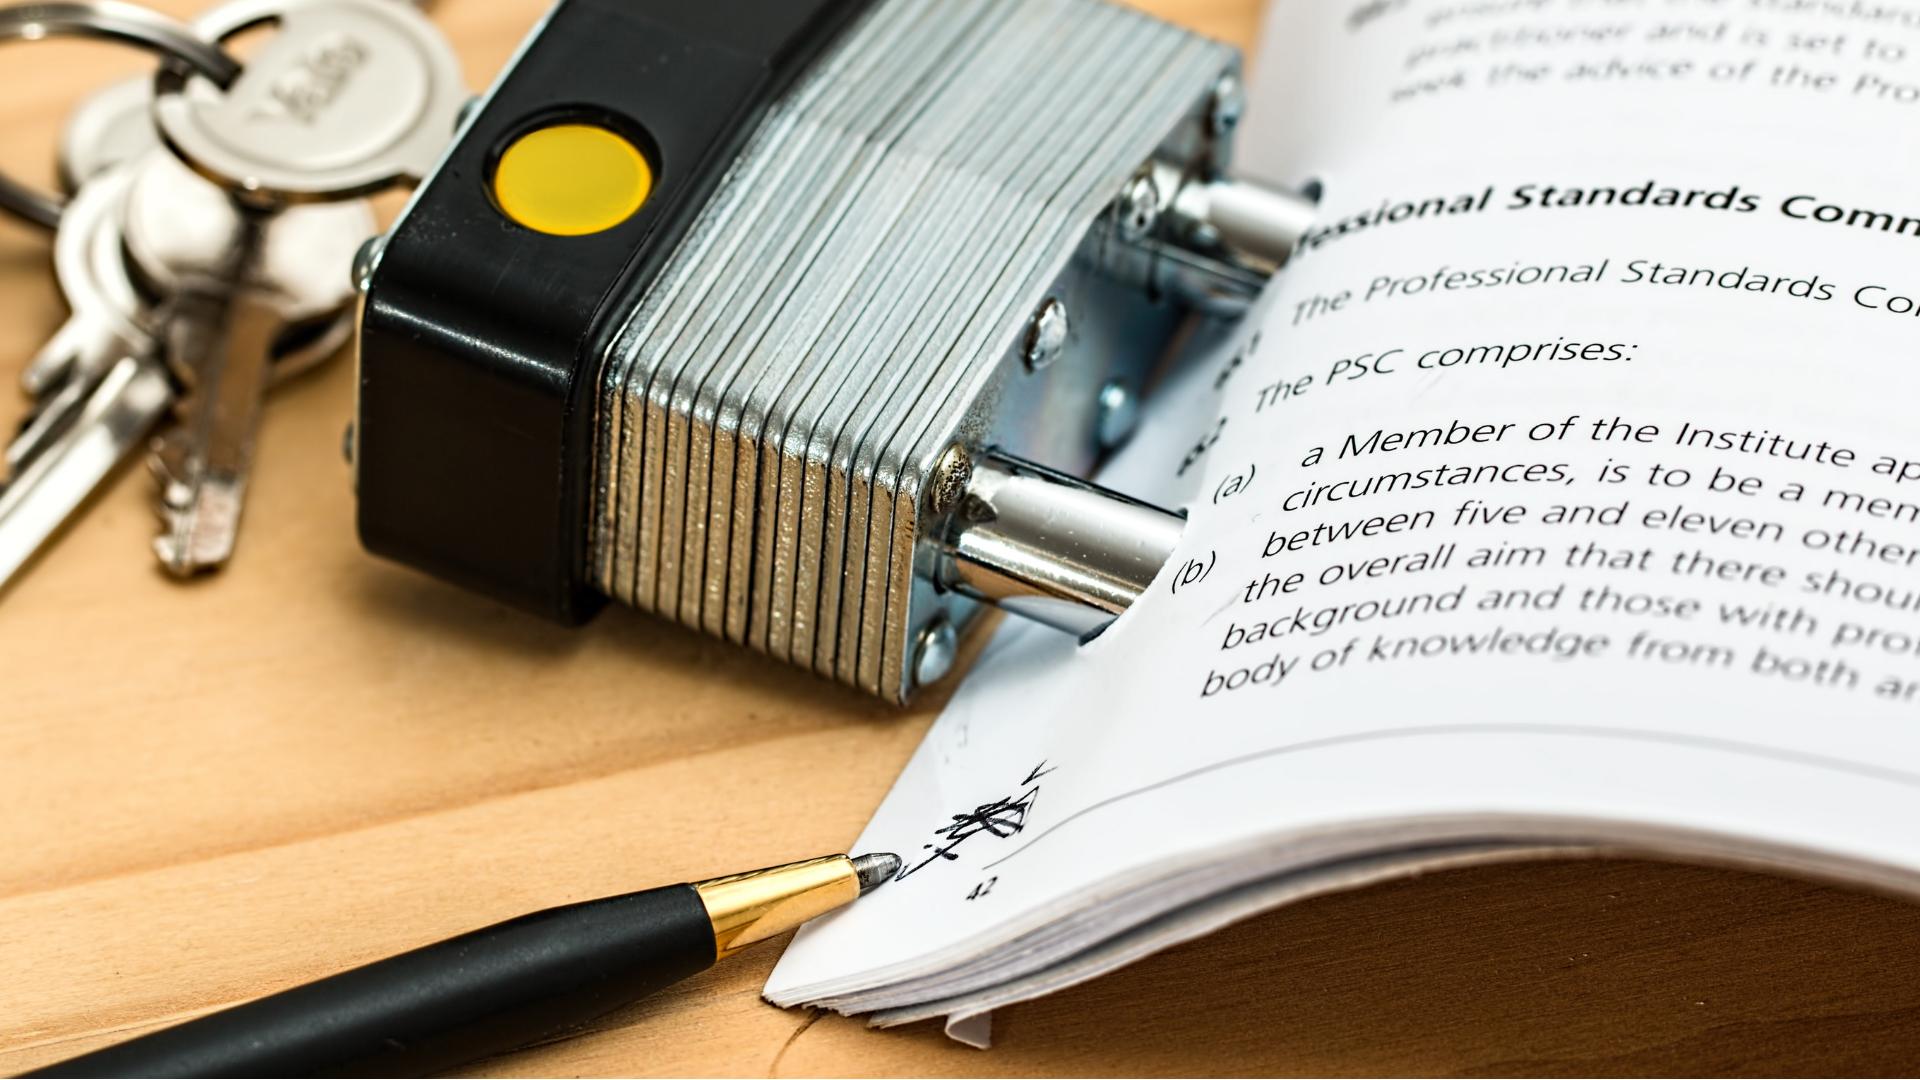 Zabezpieczone Dokumenty - Europejski Dzień Ochrony Danych Osobowych - jak edukować?